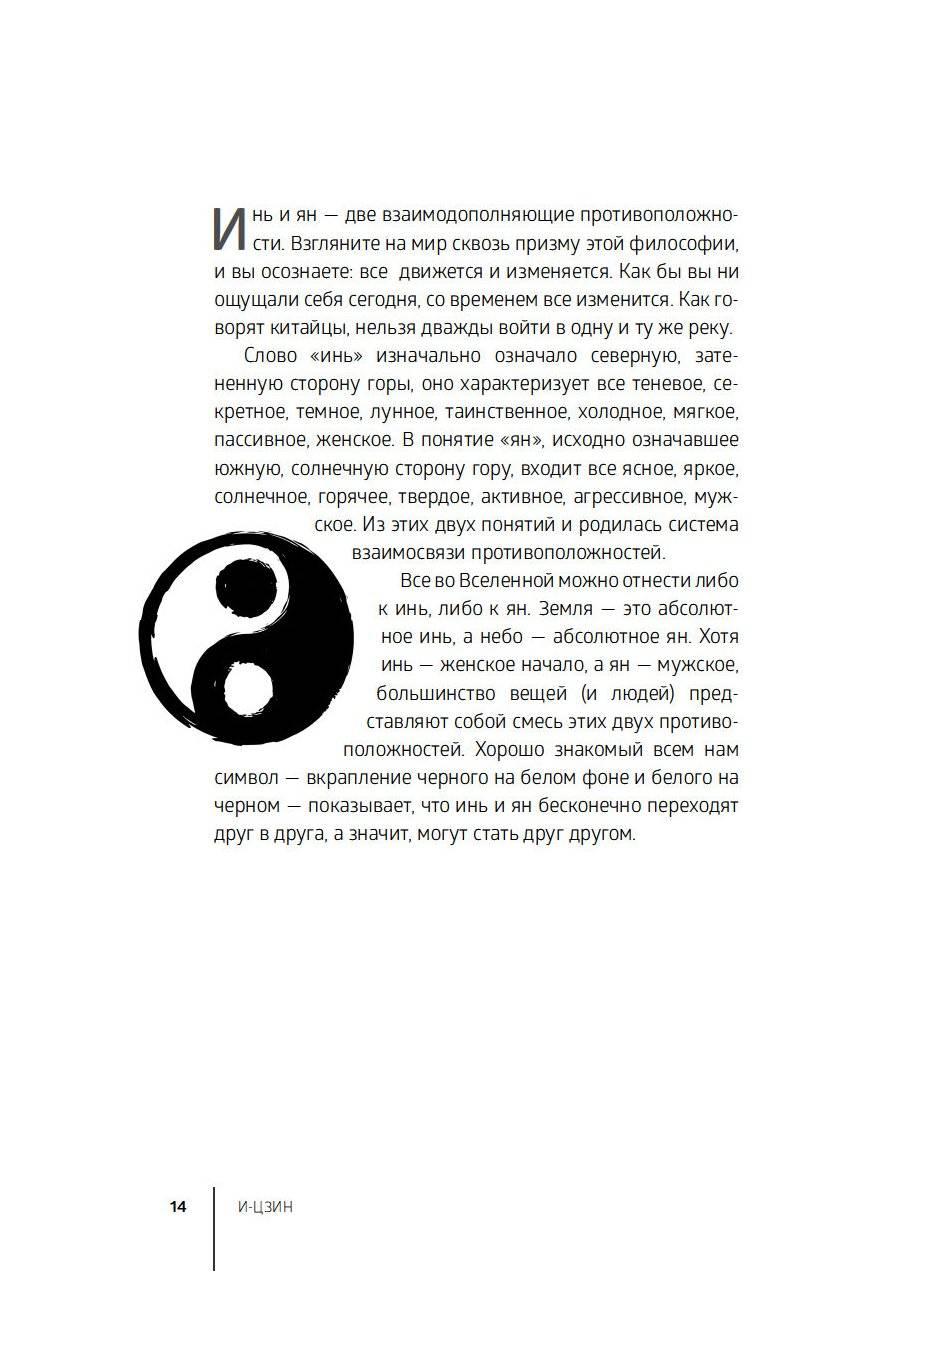 Гадание на монетах по книге перемен — мудрость бытия